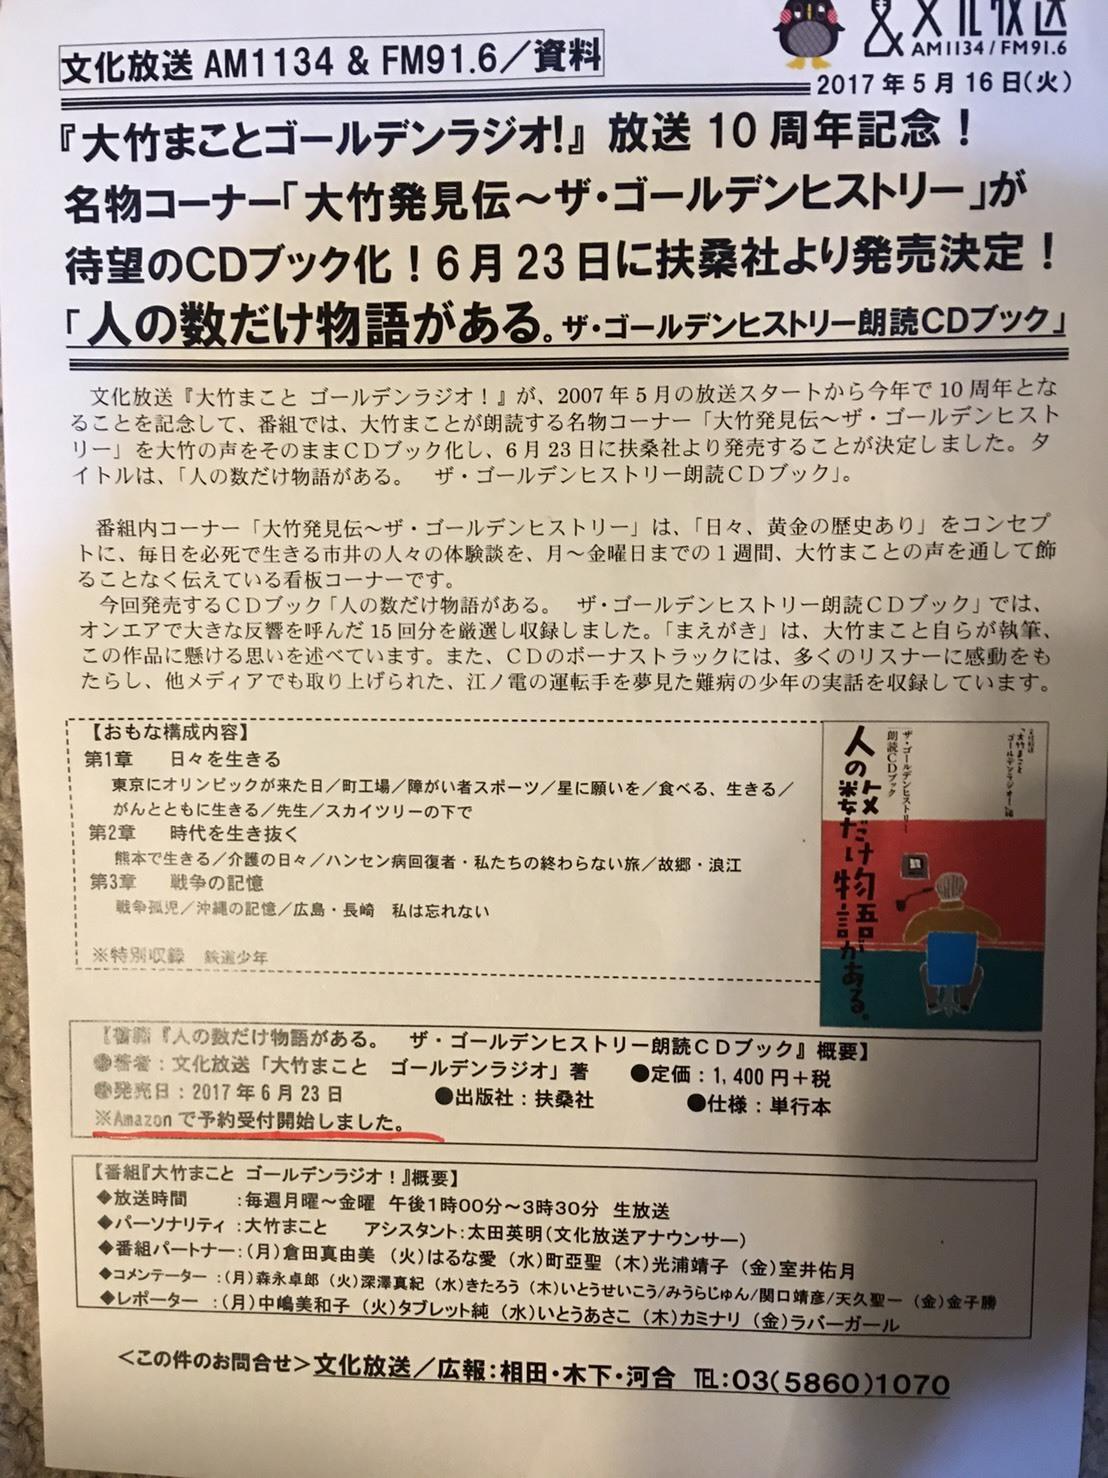 大竹まことのゴールデンヒストリー_a0163623_22175103.jpg